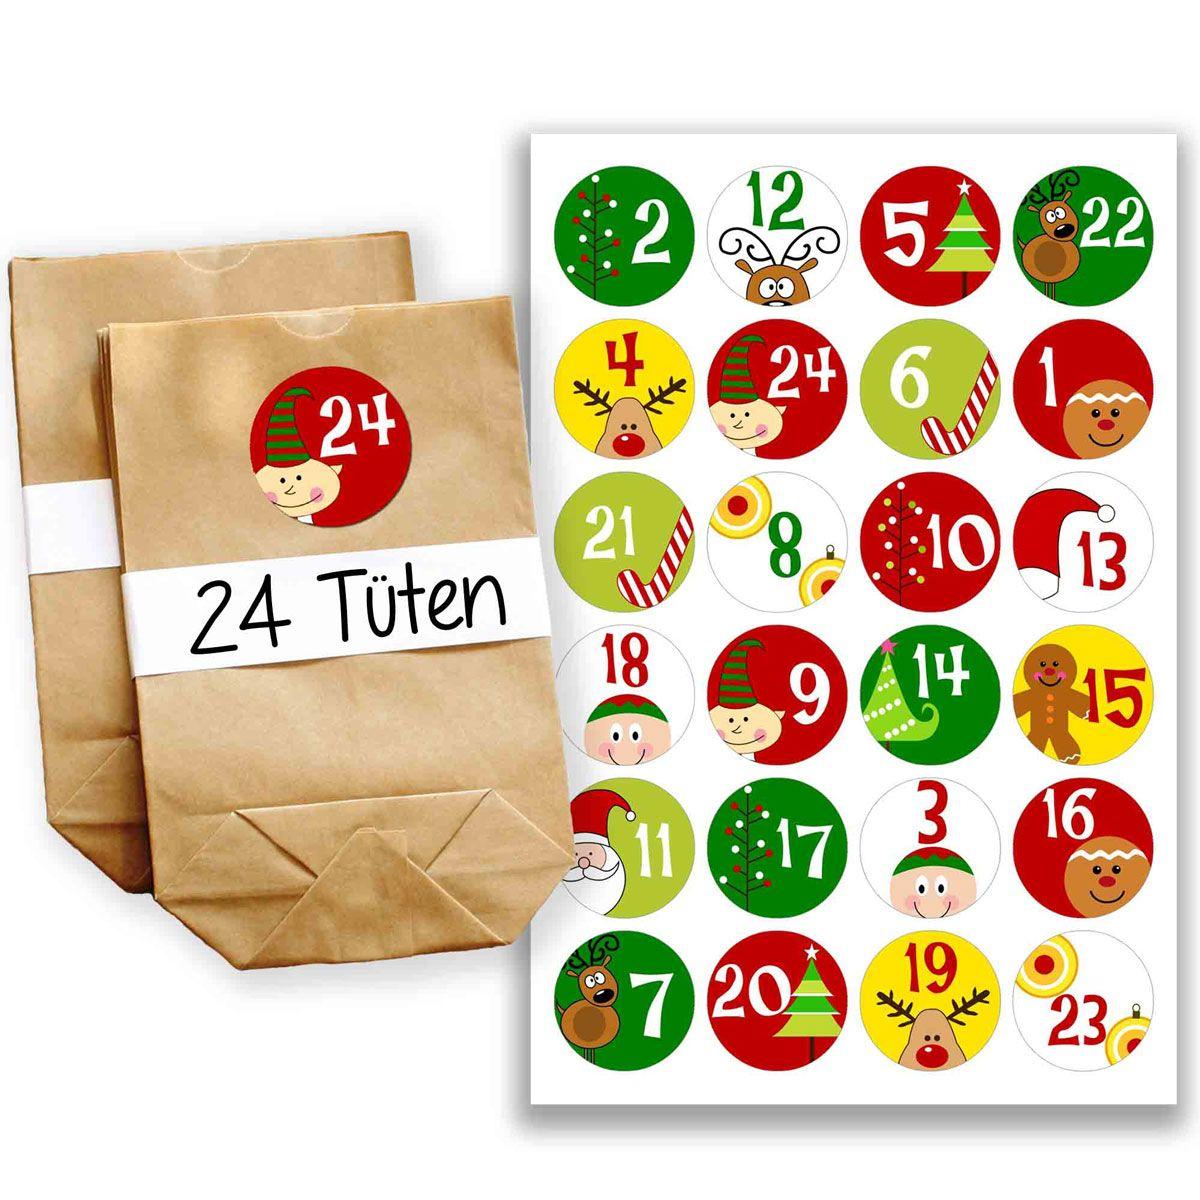 adventskalender t tenset design nr 1 diy adventskalender mit papiert ten und aufkleberzahlen. Black Bedroom Furniture Sets. Home Design Ideas